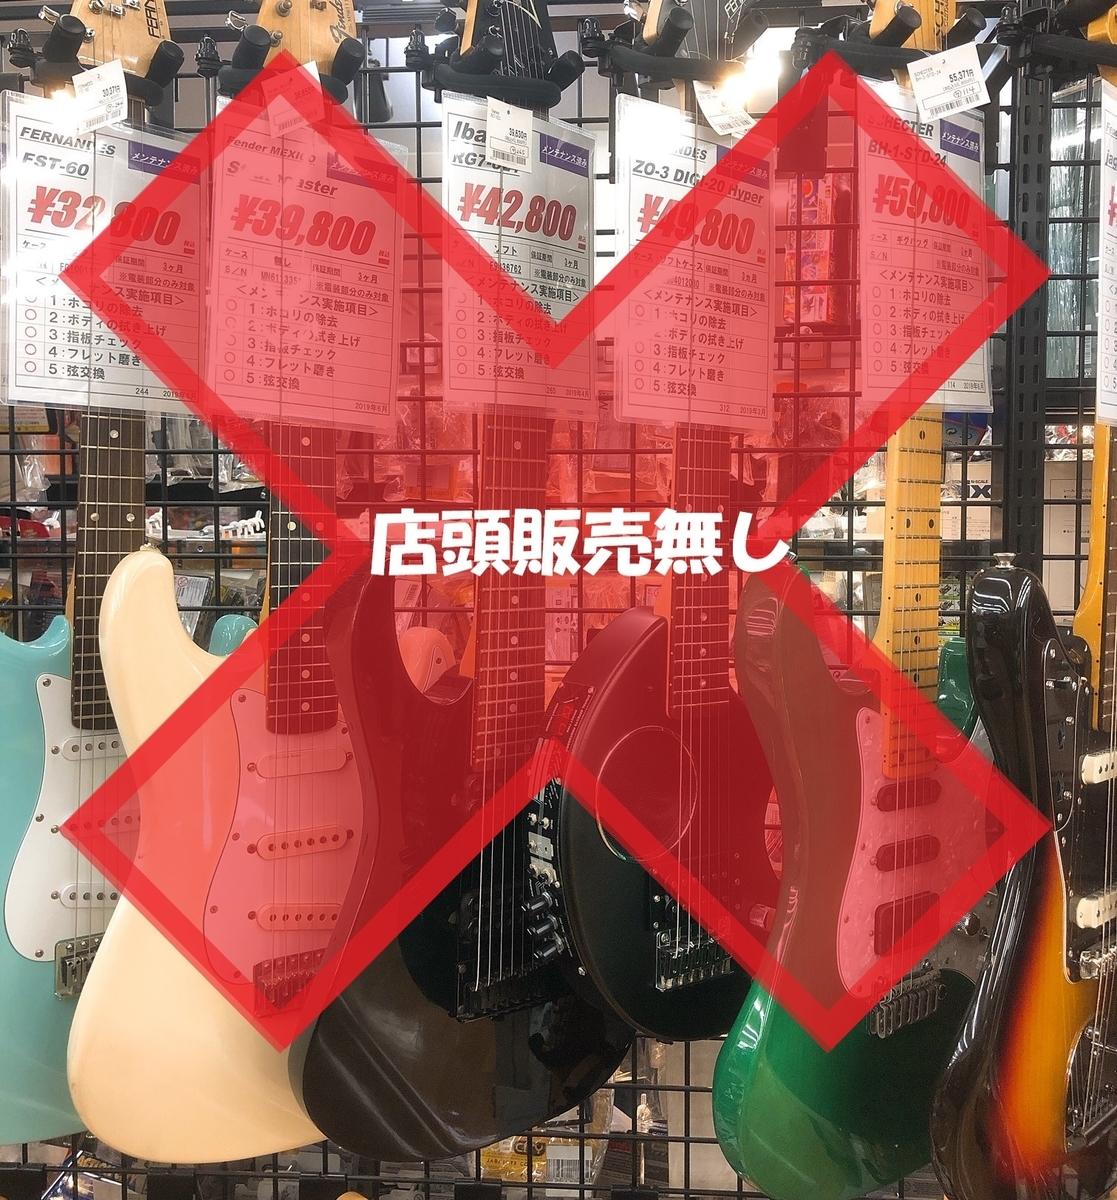 ギターの店頭販売に赤で×マーク。店頭販売無しのテキスト入り